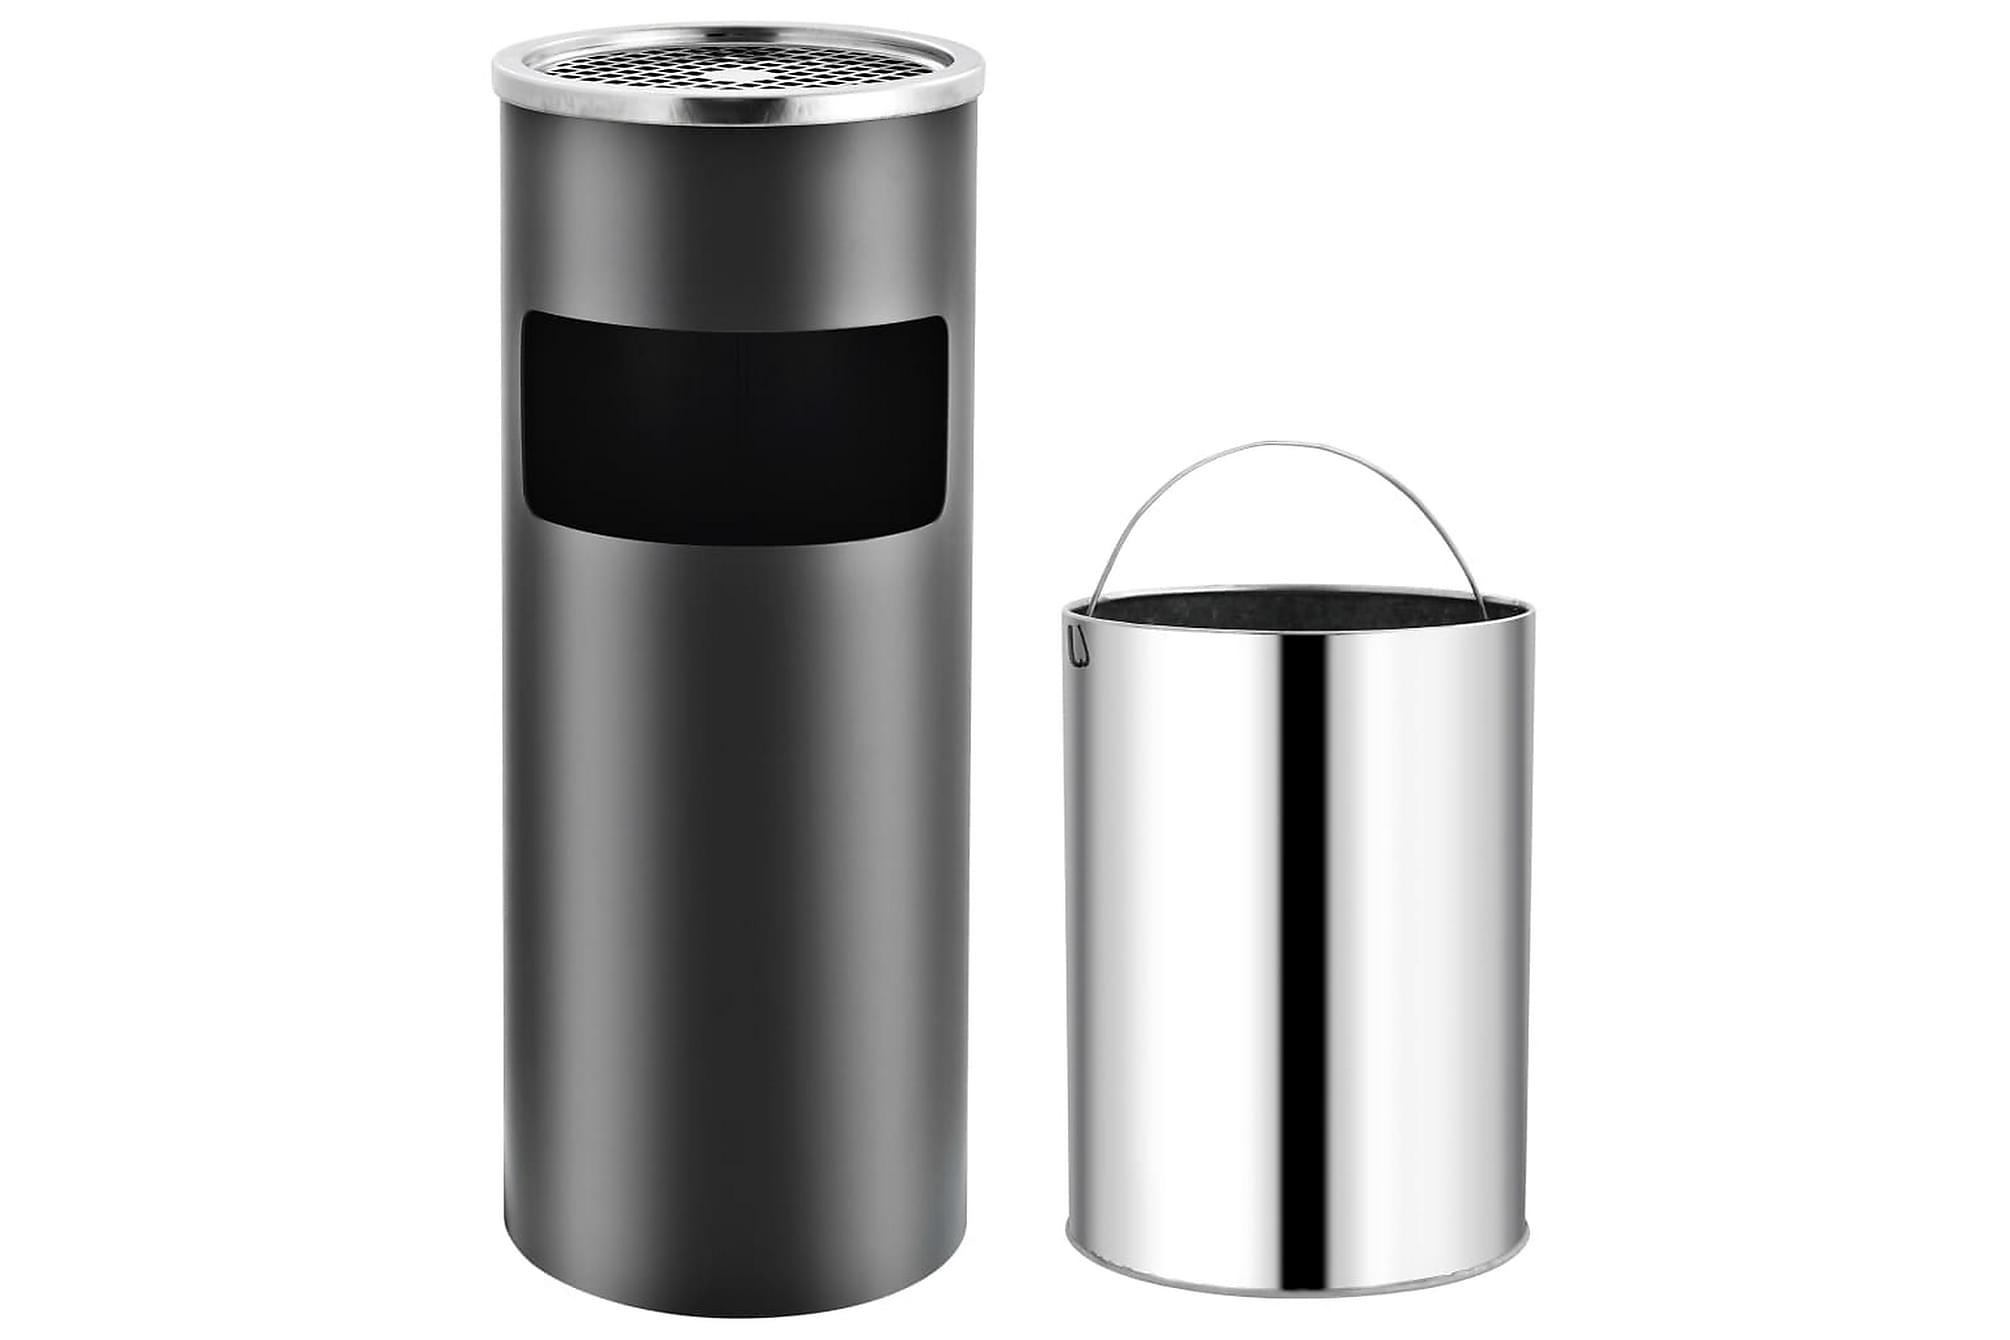 Askfat/soptunna 30 L stål grå, Badrumstillbehör